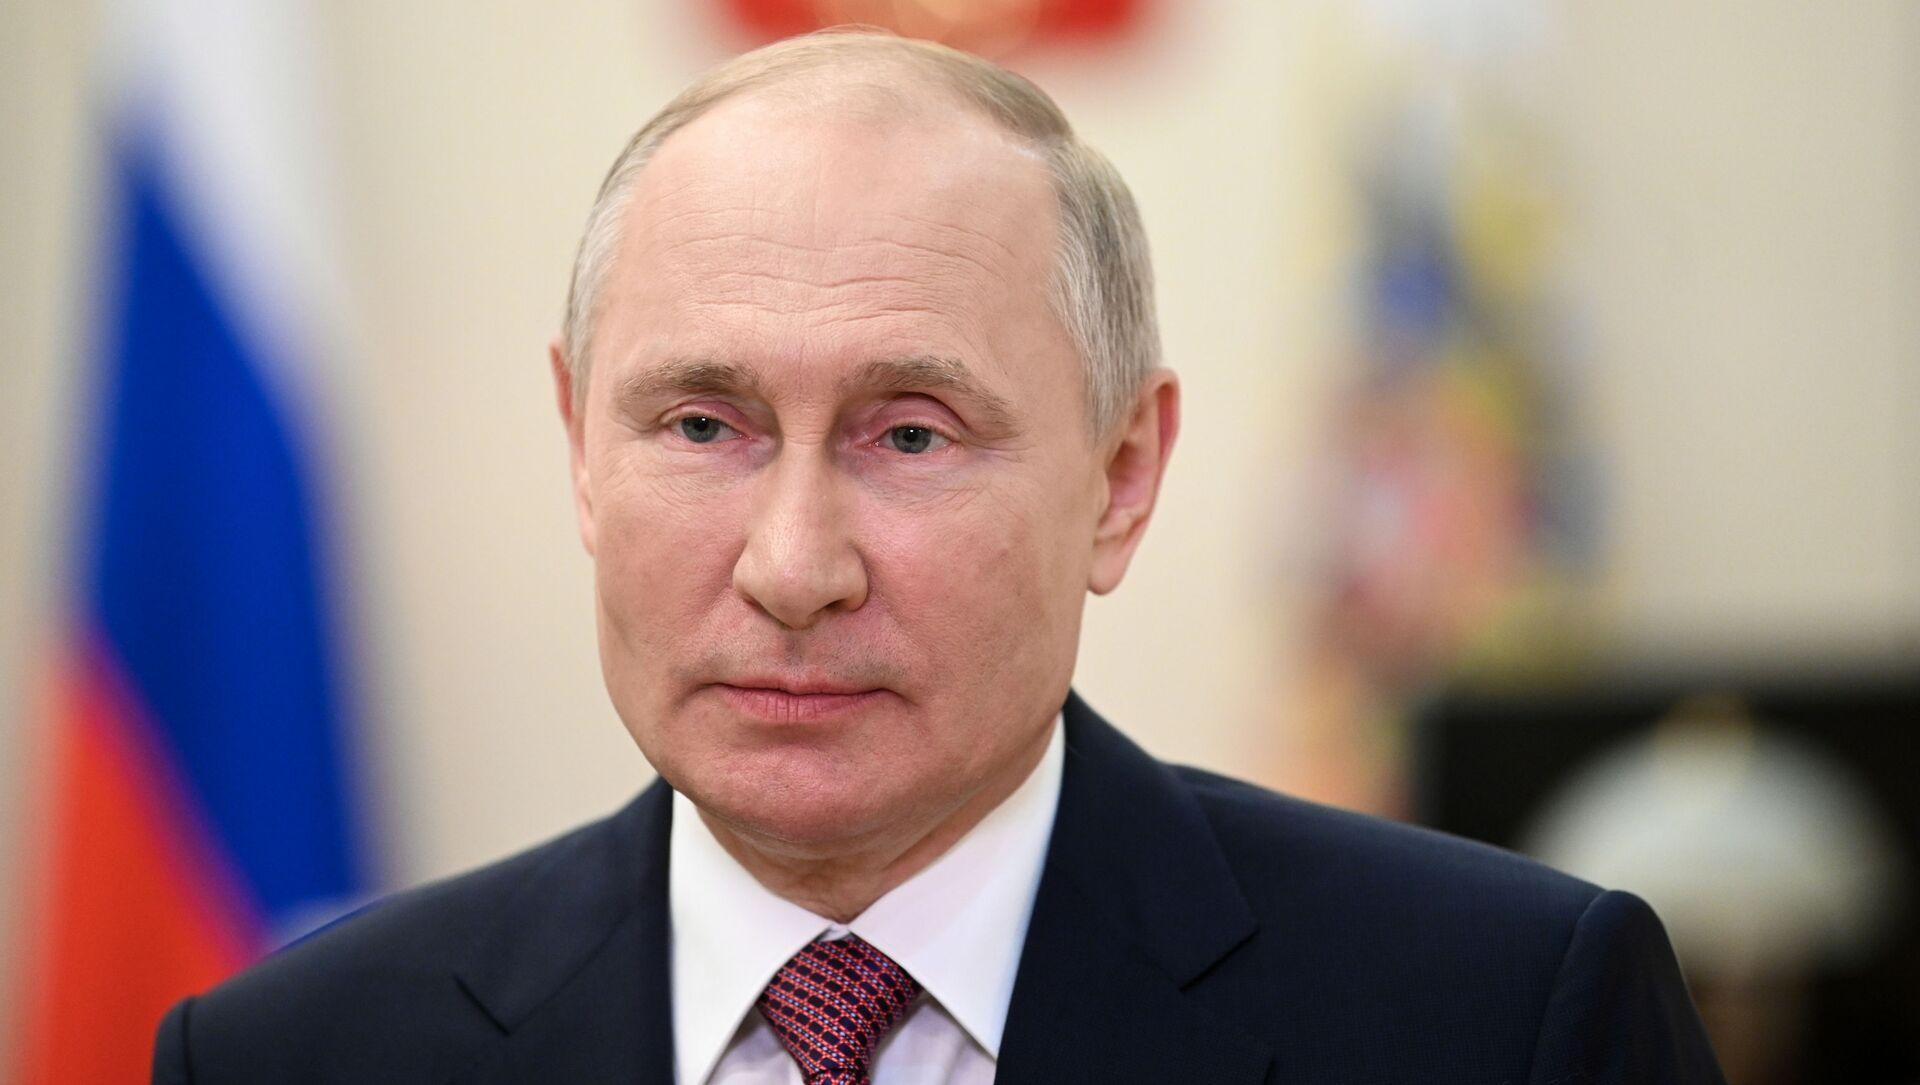 Tổng thống Nga Vladimir Putin chúc mừng sinh viên đại học tốt nghiệp trong một địa chỉ video từ dinh thự bang Novo-Ogaryovo, ngoại ô Moscow, Nga. - Sputnik Việt Nam, 1920, 12.07.2021